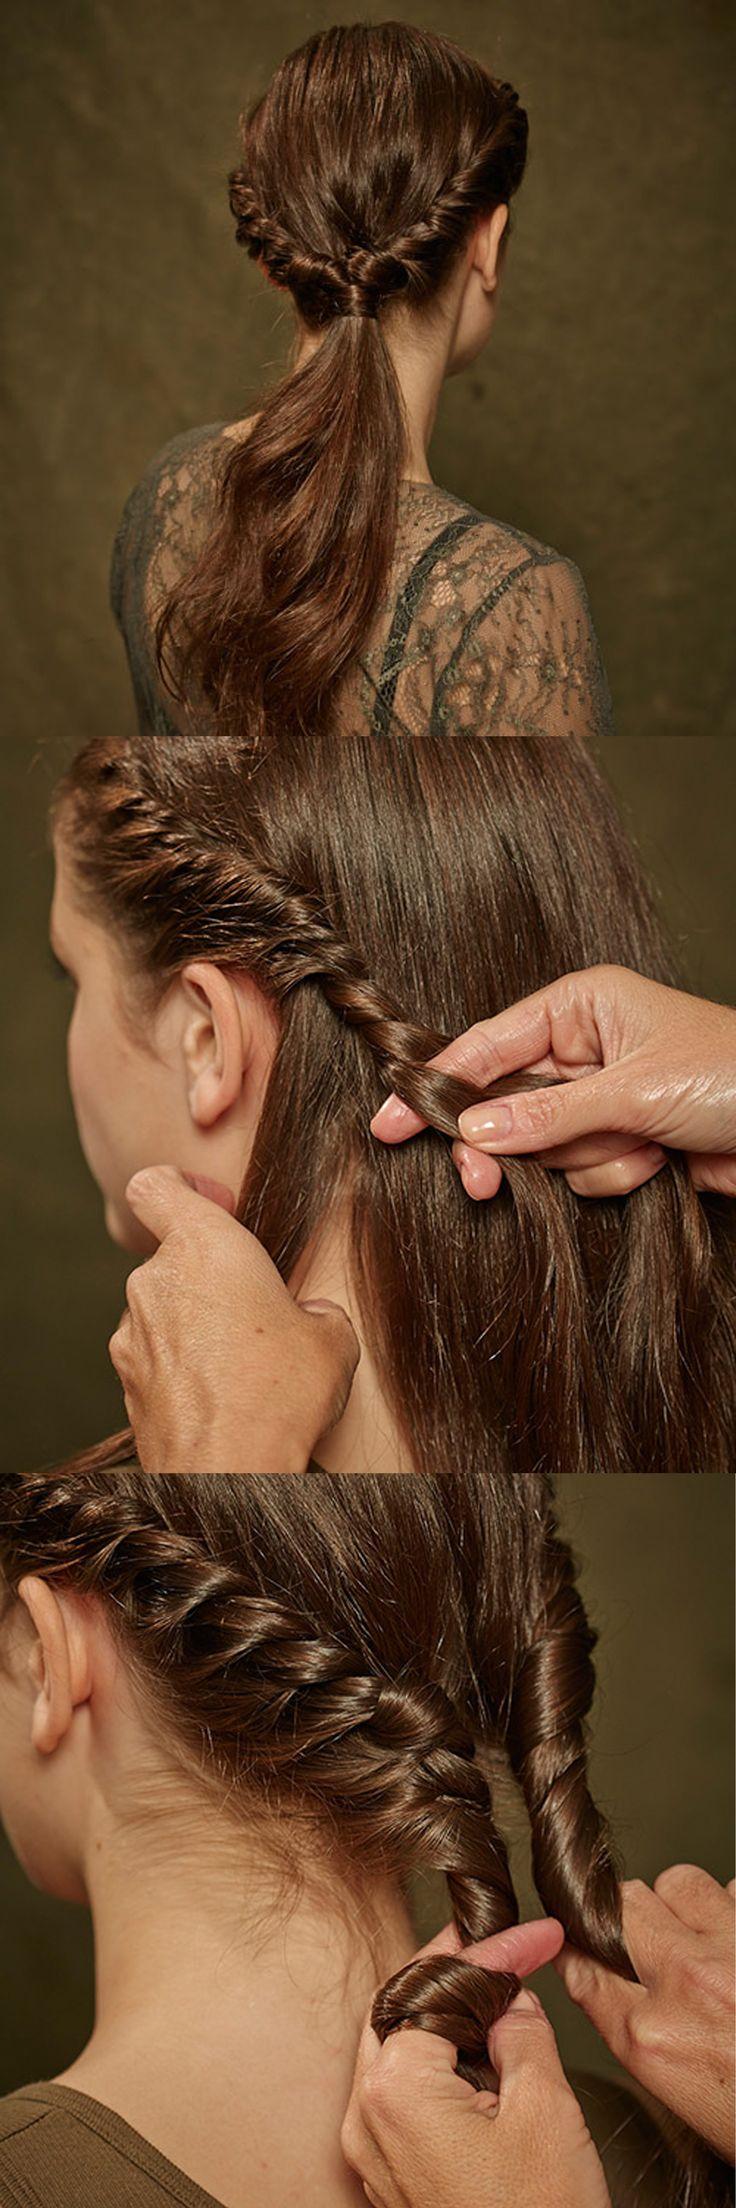 ZOPF romantisch eingekordelt  1) Alle Haare nach hinten bürsten und in zwei große Stränge teilen. 2) Seitlich eine dünnere Strähne abtrennen und nach unten eindrehen. Beim kordeln möglichst gleichmäßig Strähnen aus dem dicken Strang dazudrehen. 3) Kordeln beider Seiten im Nacken zusammenzwirbeln und mit einem Haargummi binden. 4) Zopfgummi mit einer Strähne umwickeln und unterhalb des Zopfes mit einer Haarnadel fixieren. Von Brigitte Beauty